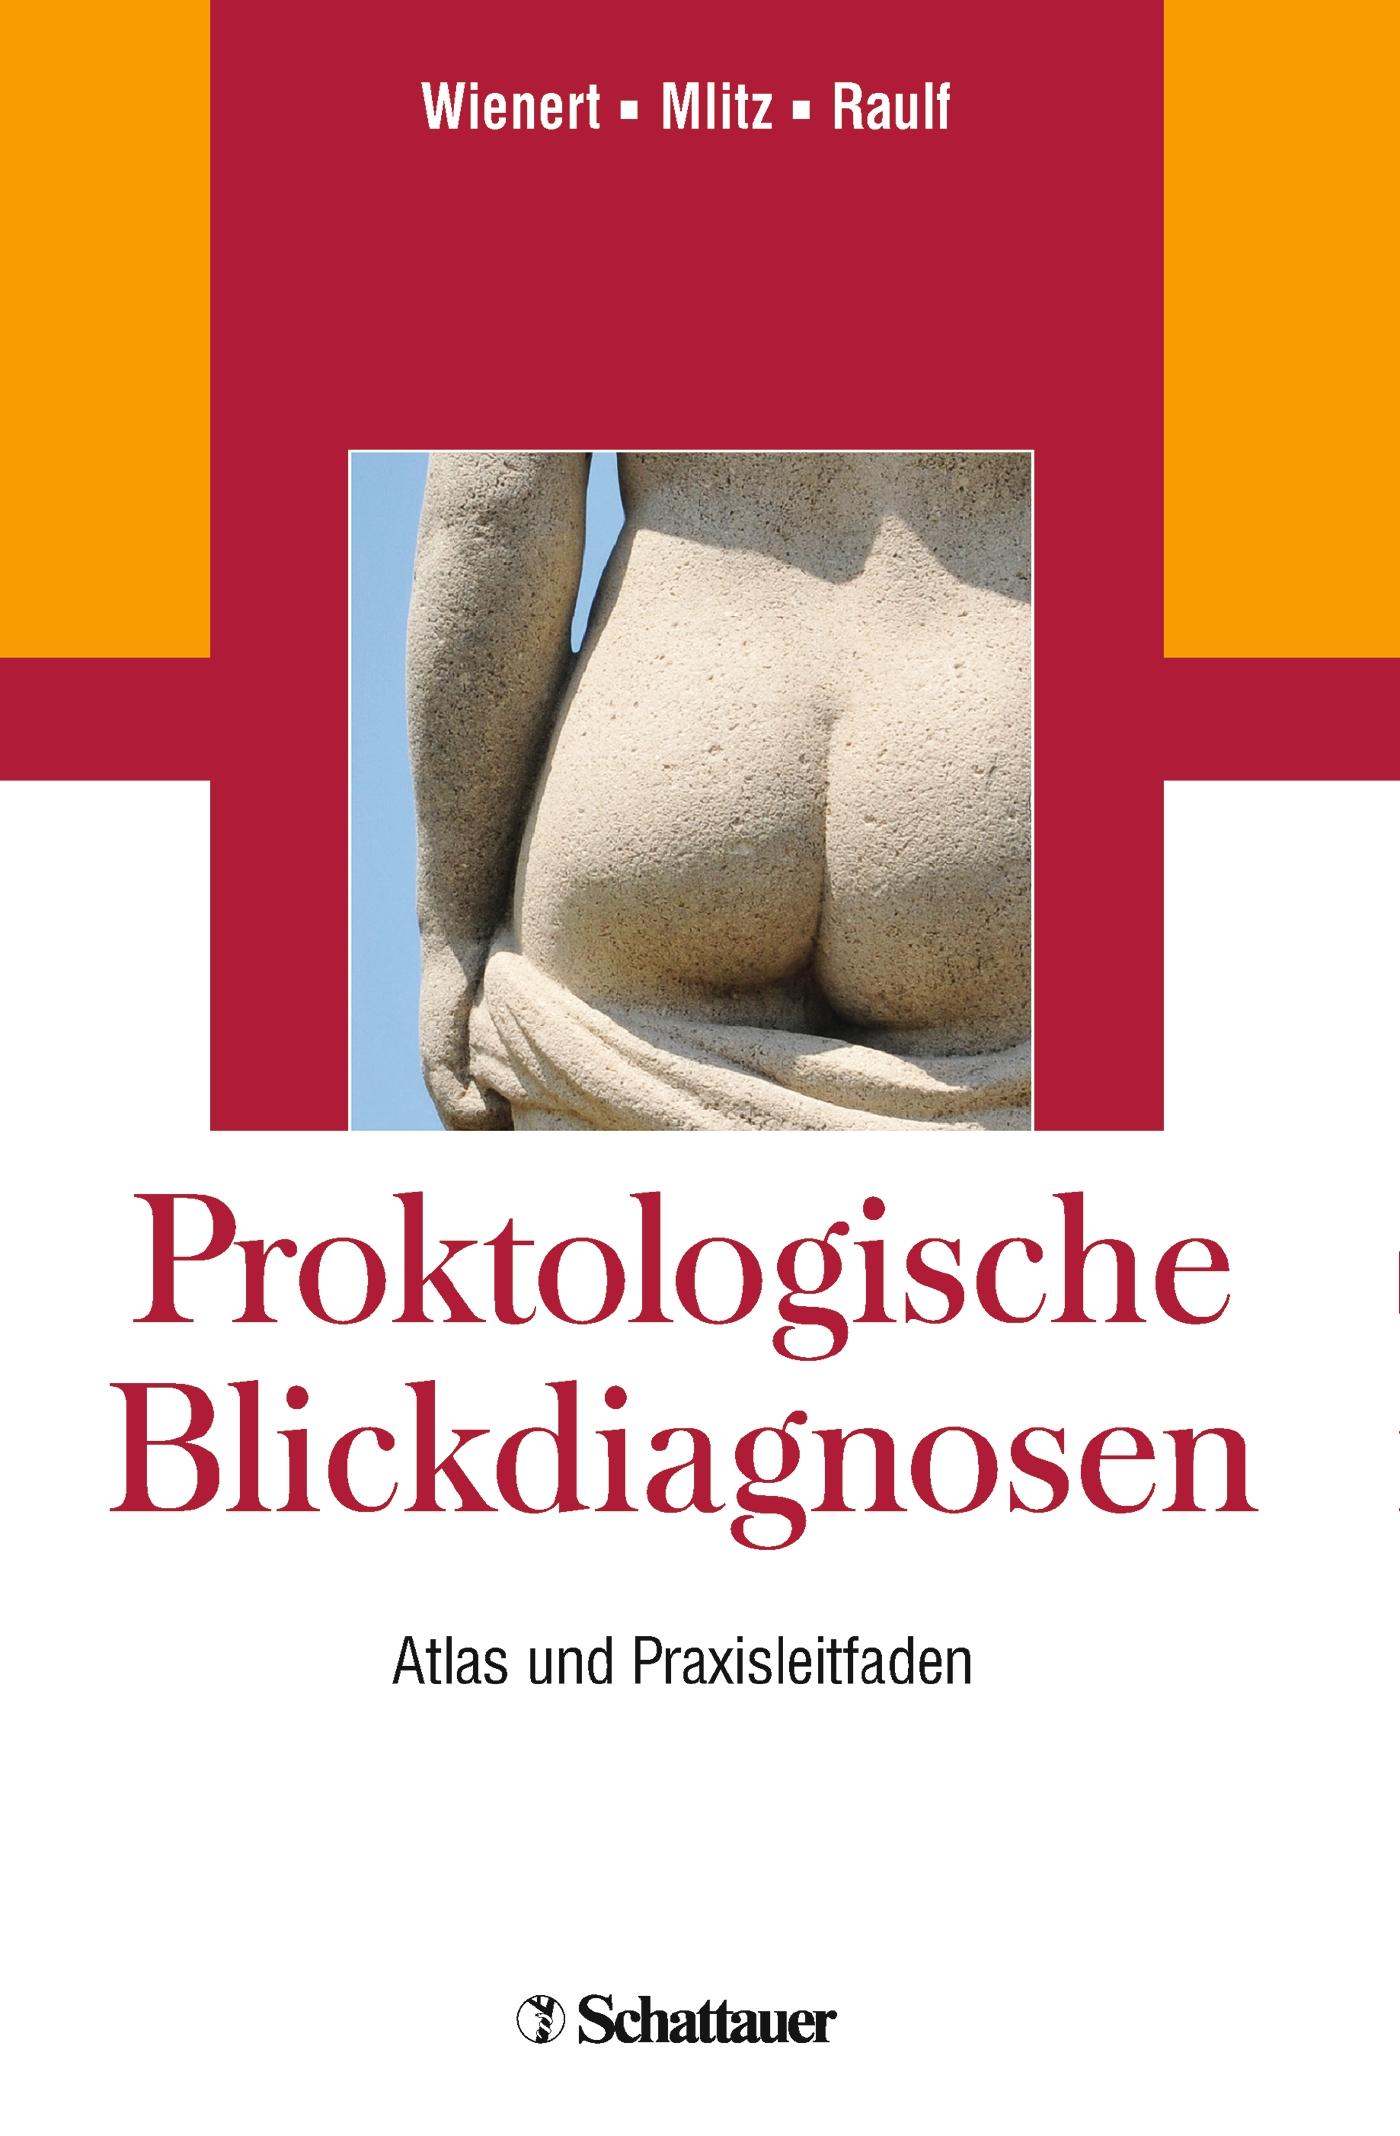 Proktologische Blickdiagnosen